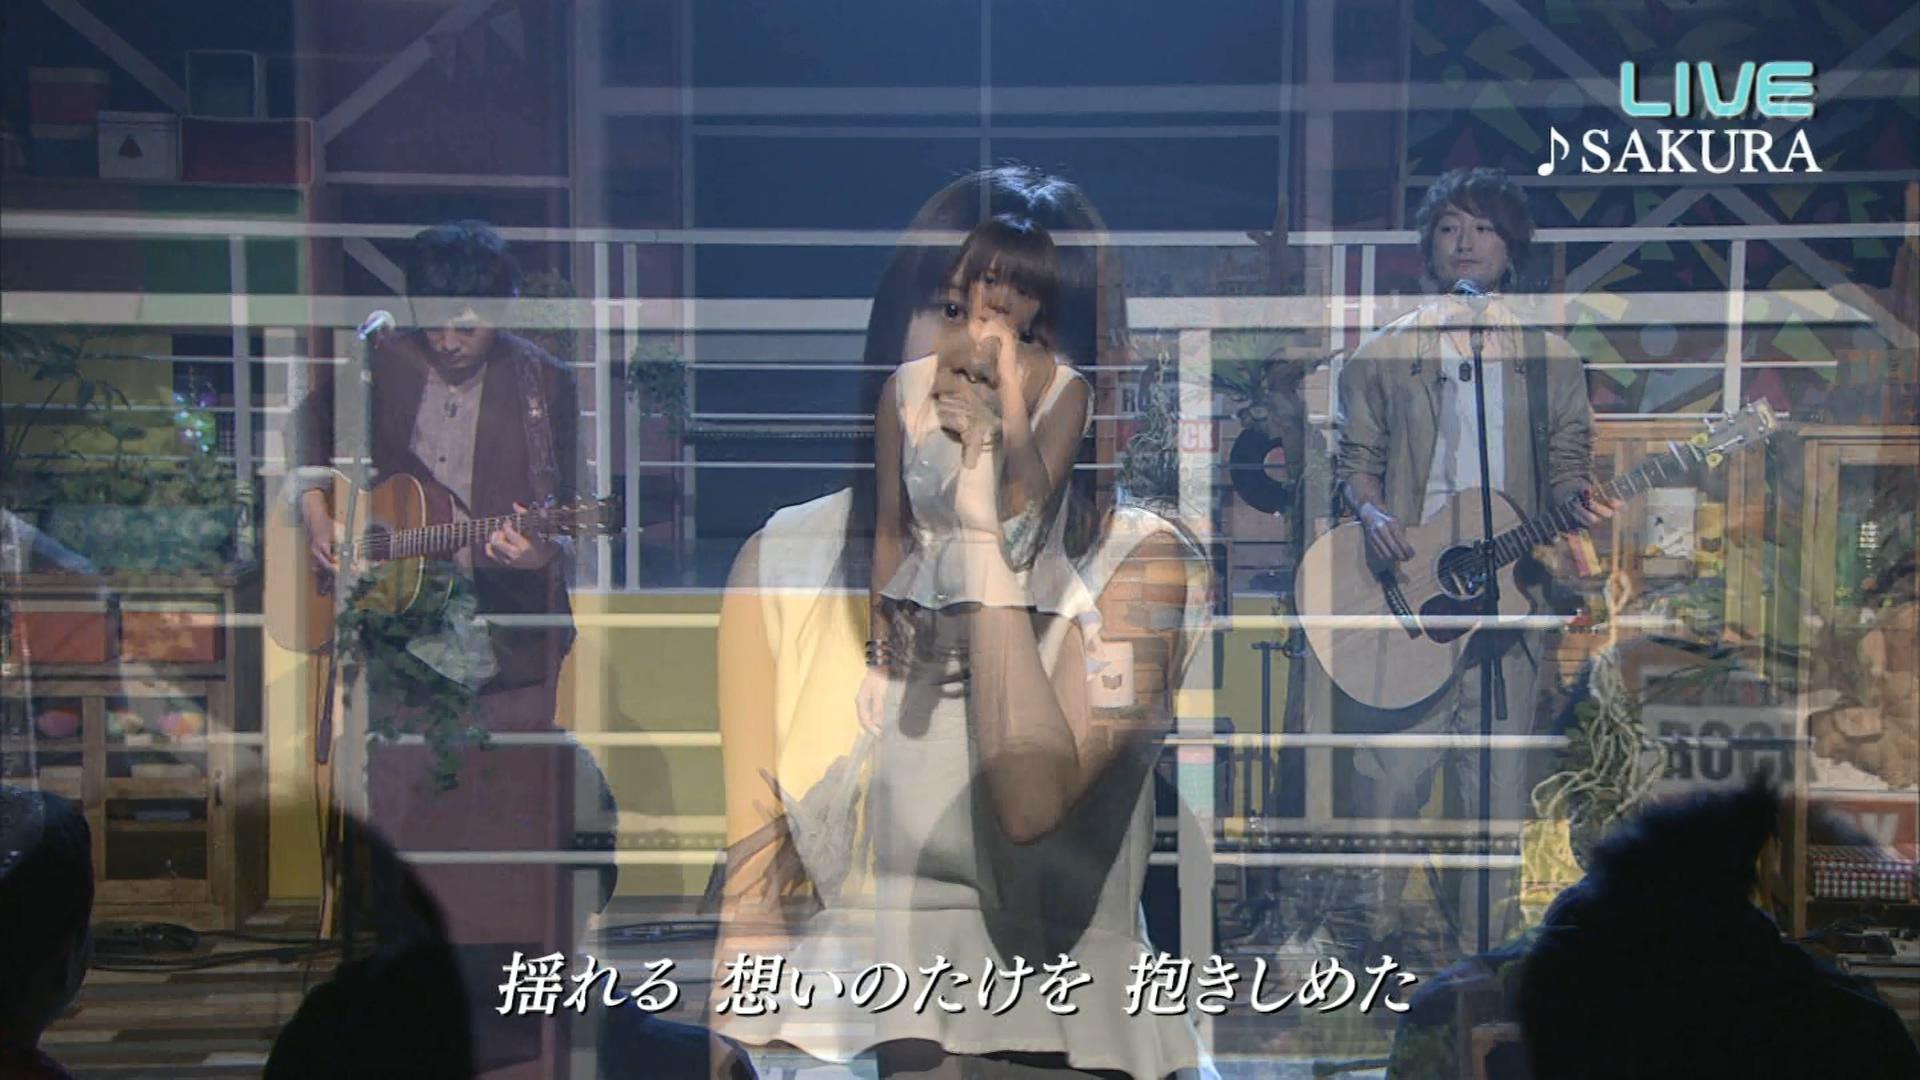 2016.03.20 いきものがかり - いきものがかりの10年がかり(MJ Presents).ts_20160321_040036.642